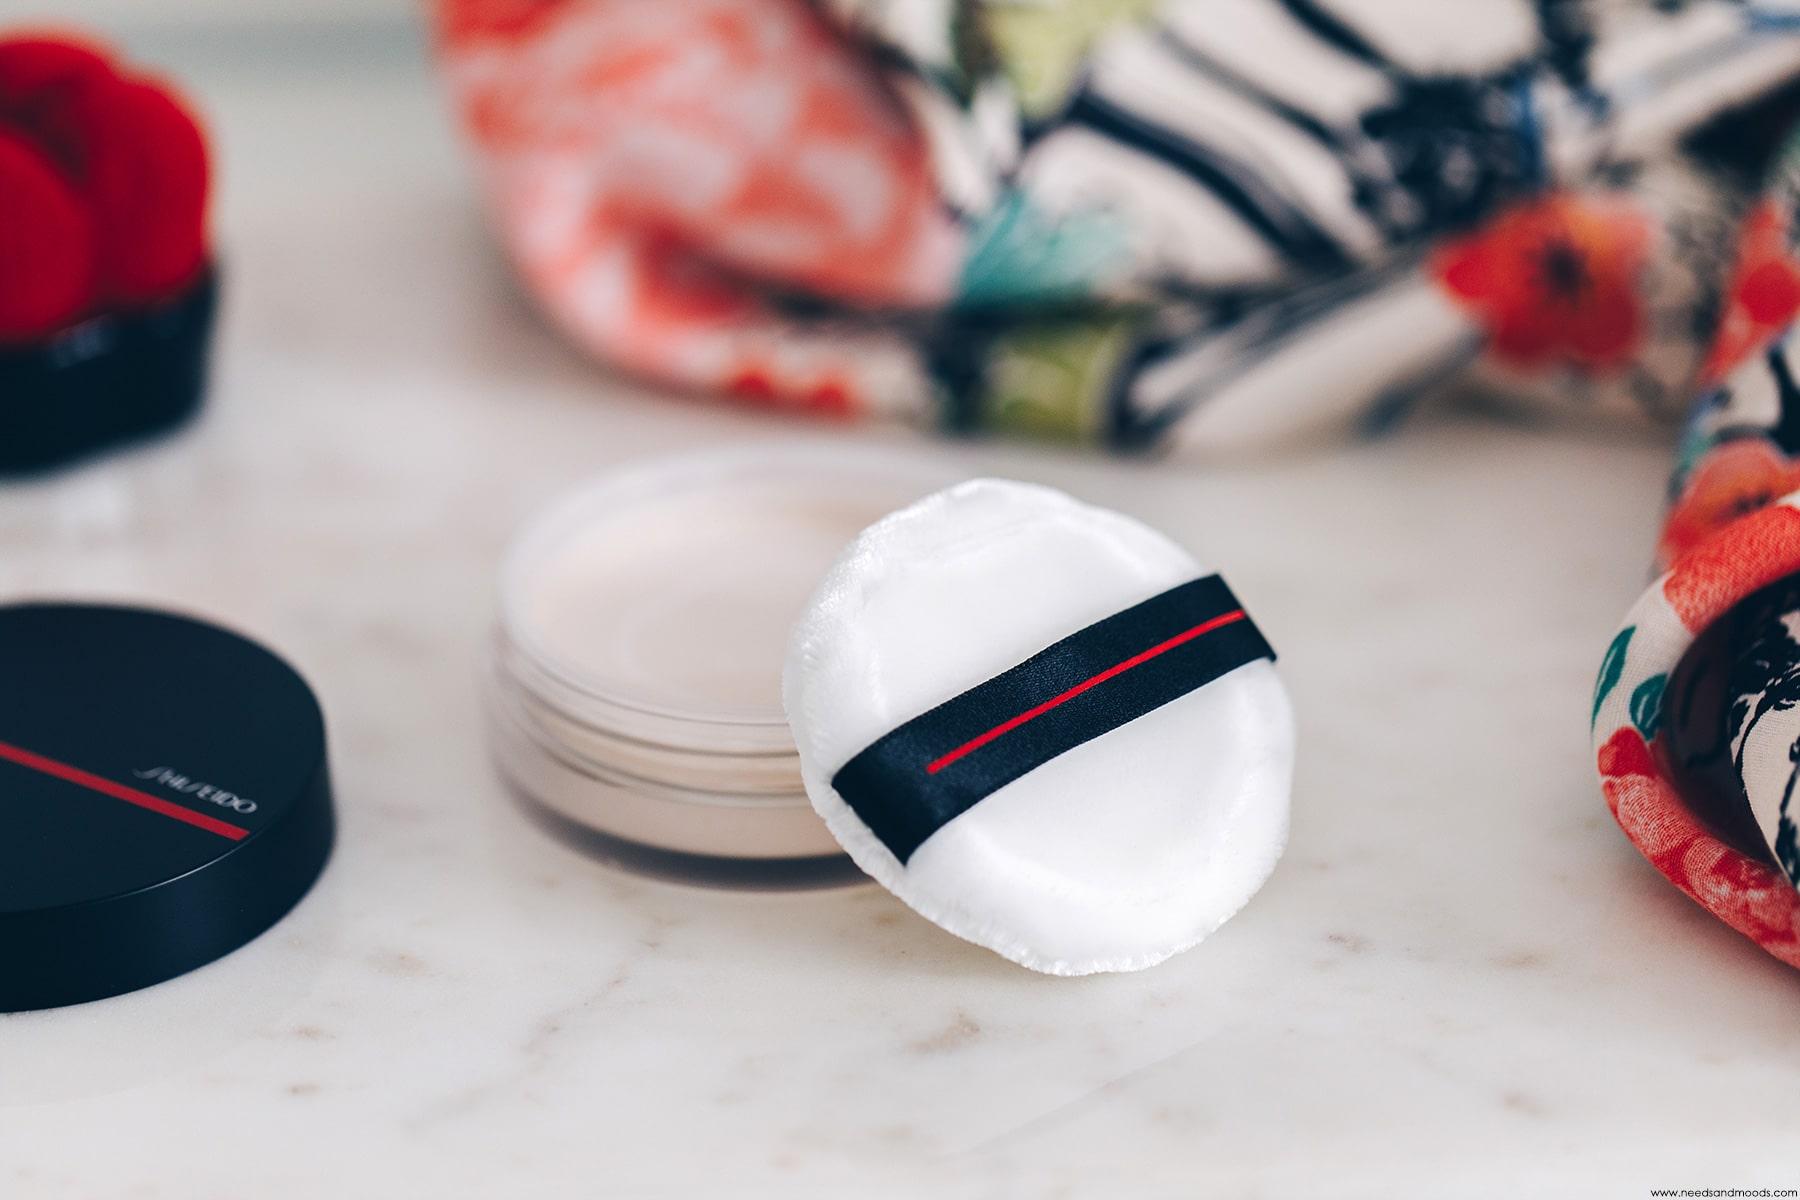 shiseido poudre libre synchro skin